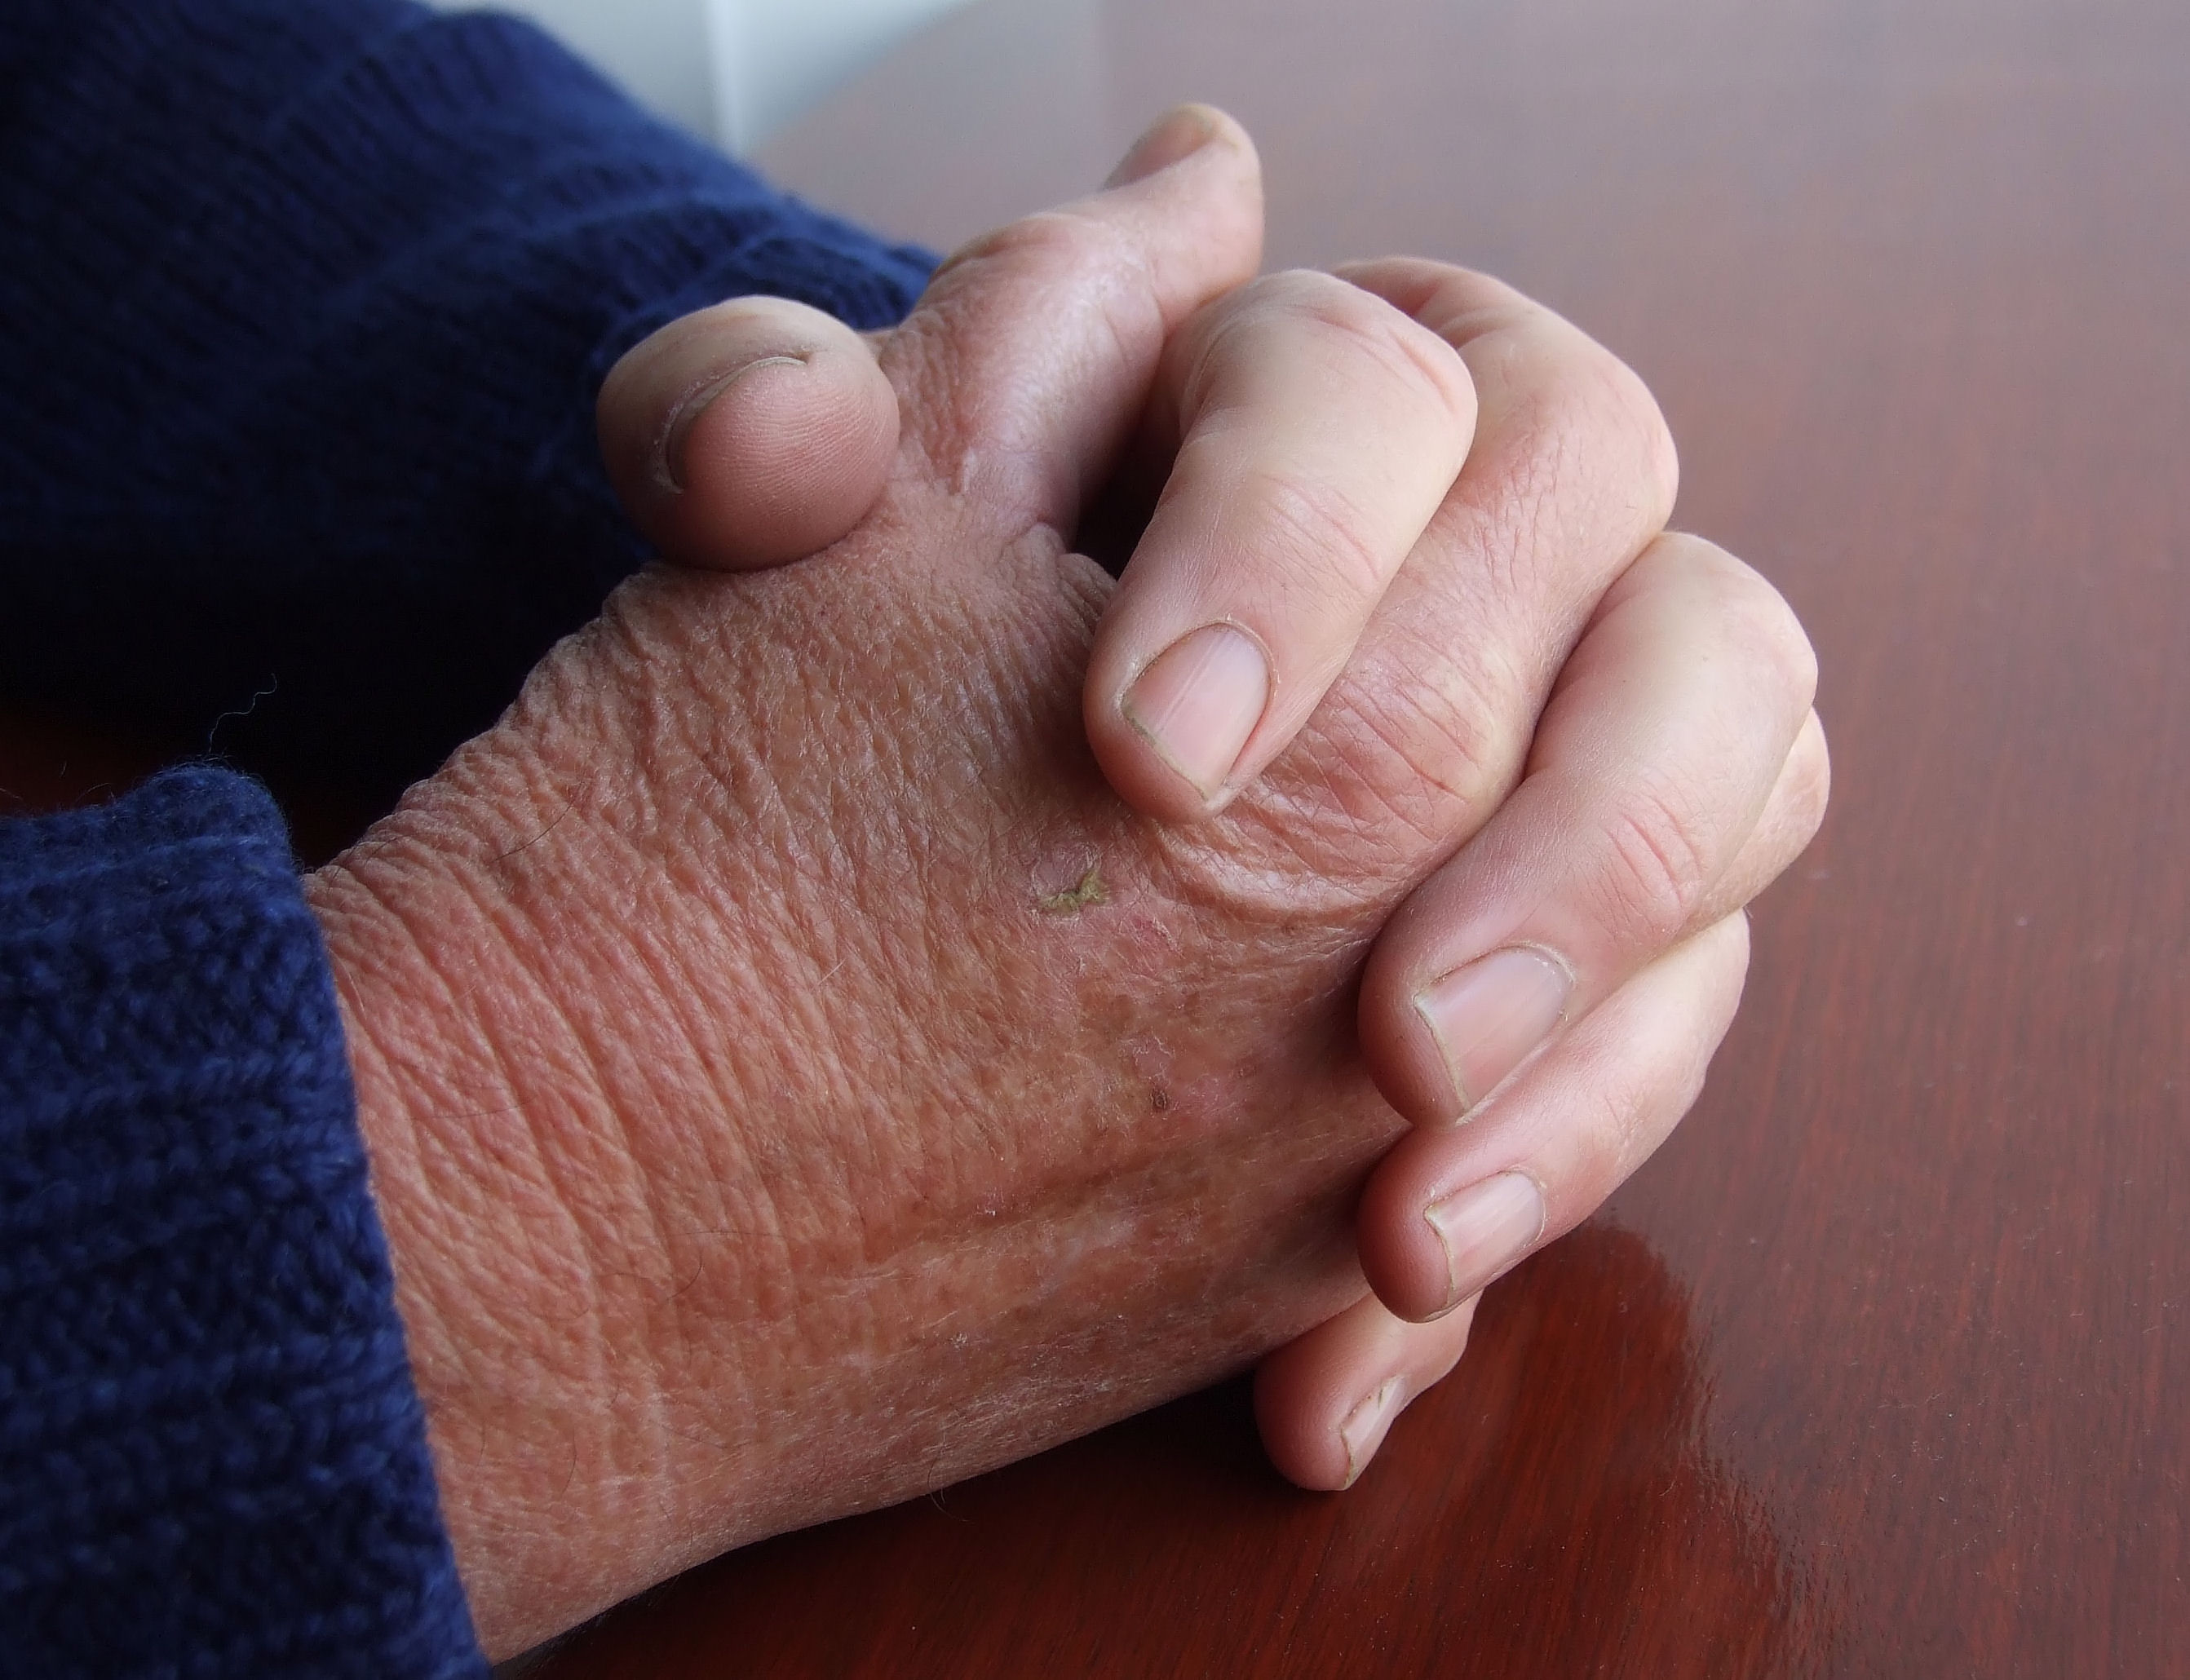 Osłabienie, złe samopoczucie czy jest to demencja starcza?